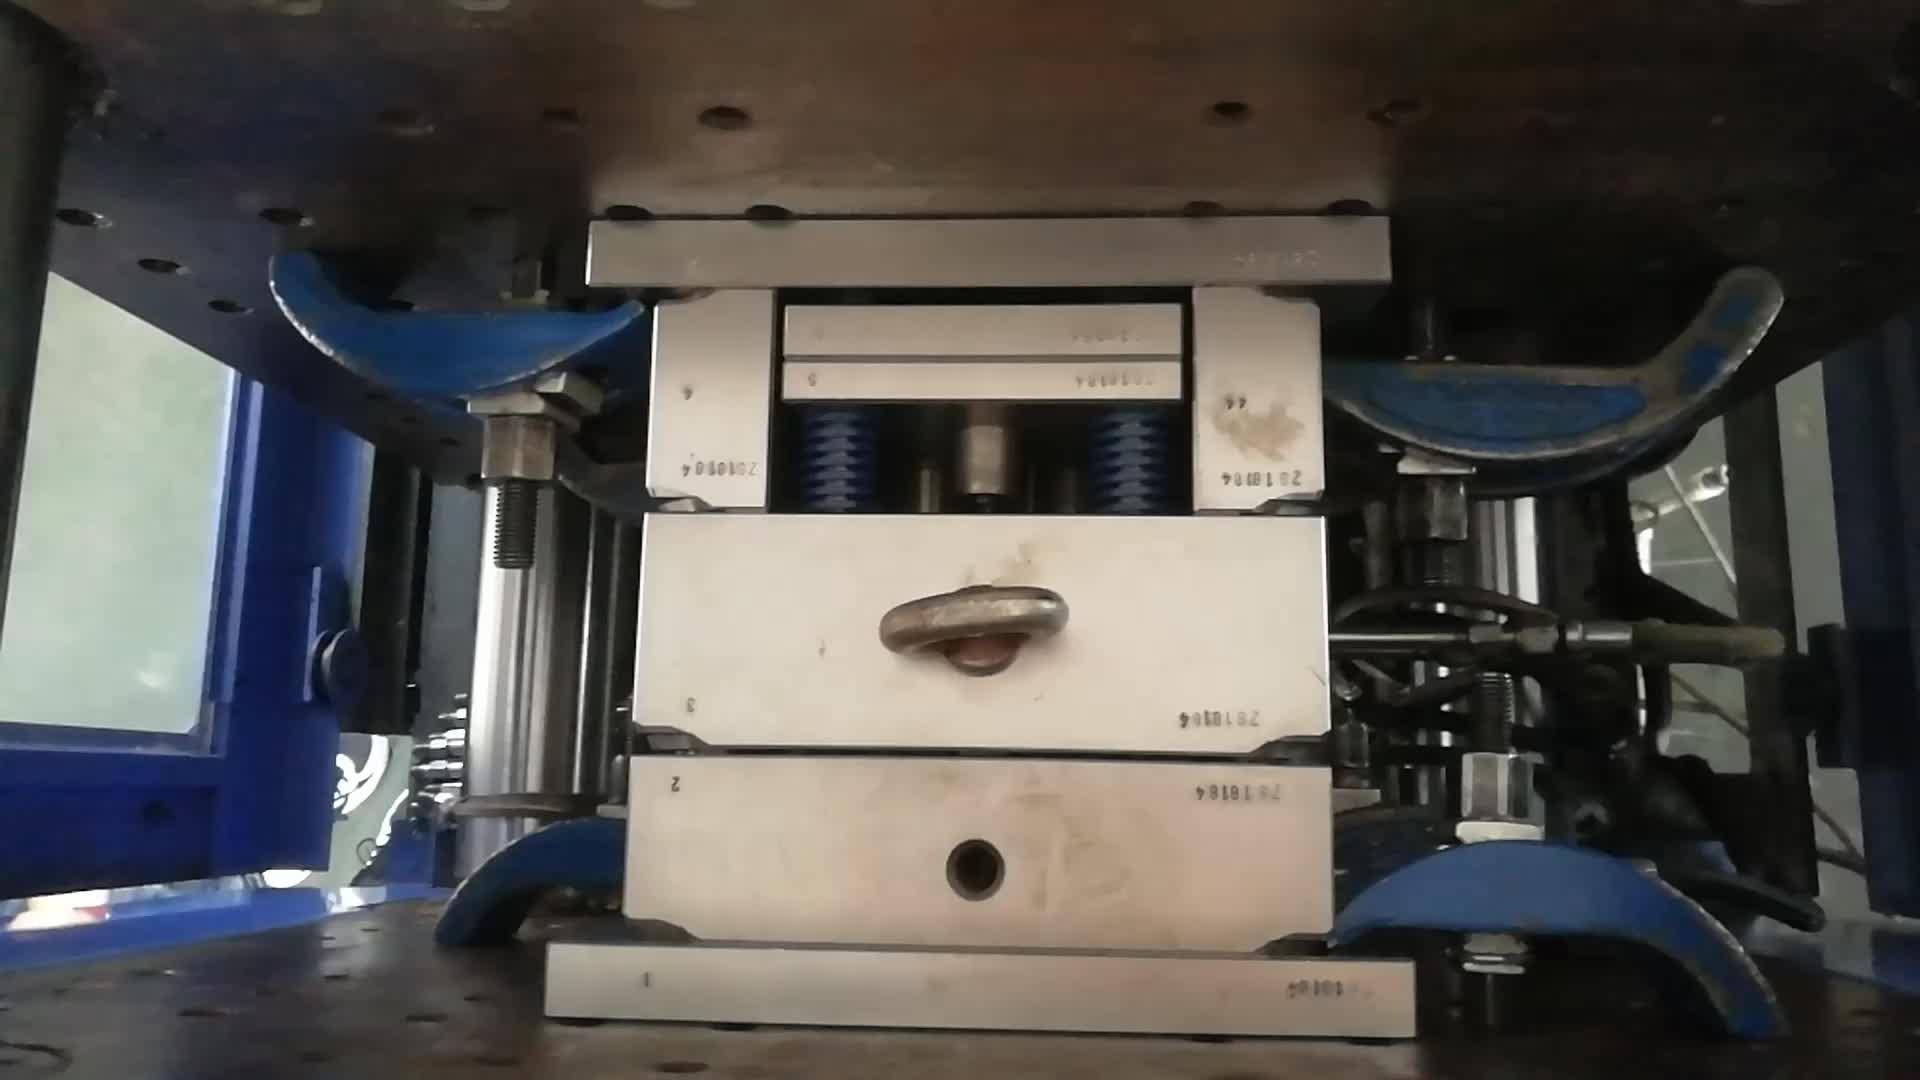 2019 novas idéias de plástico fabricante de moldagem por injeção para tampa do interruptor placa